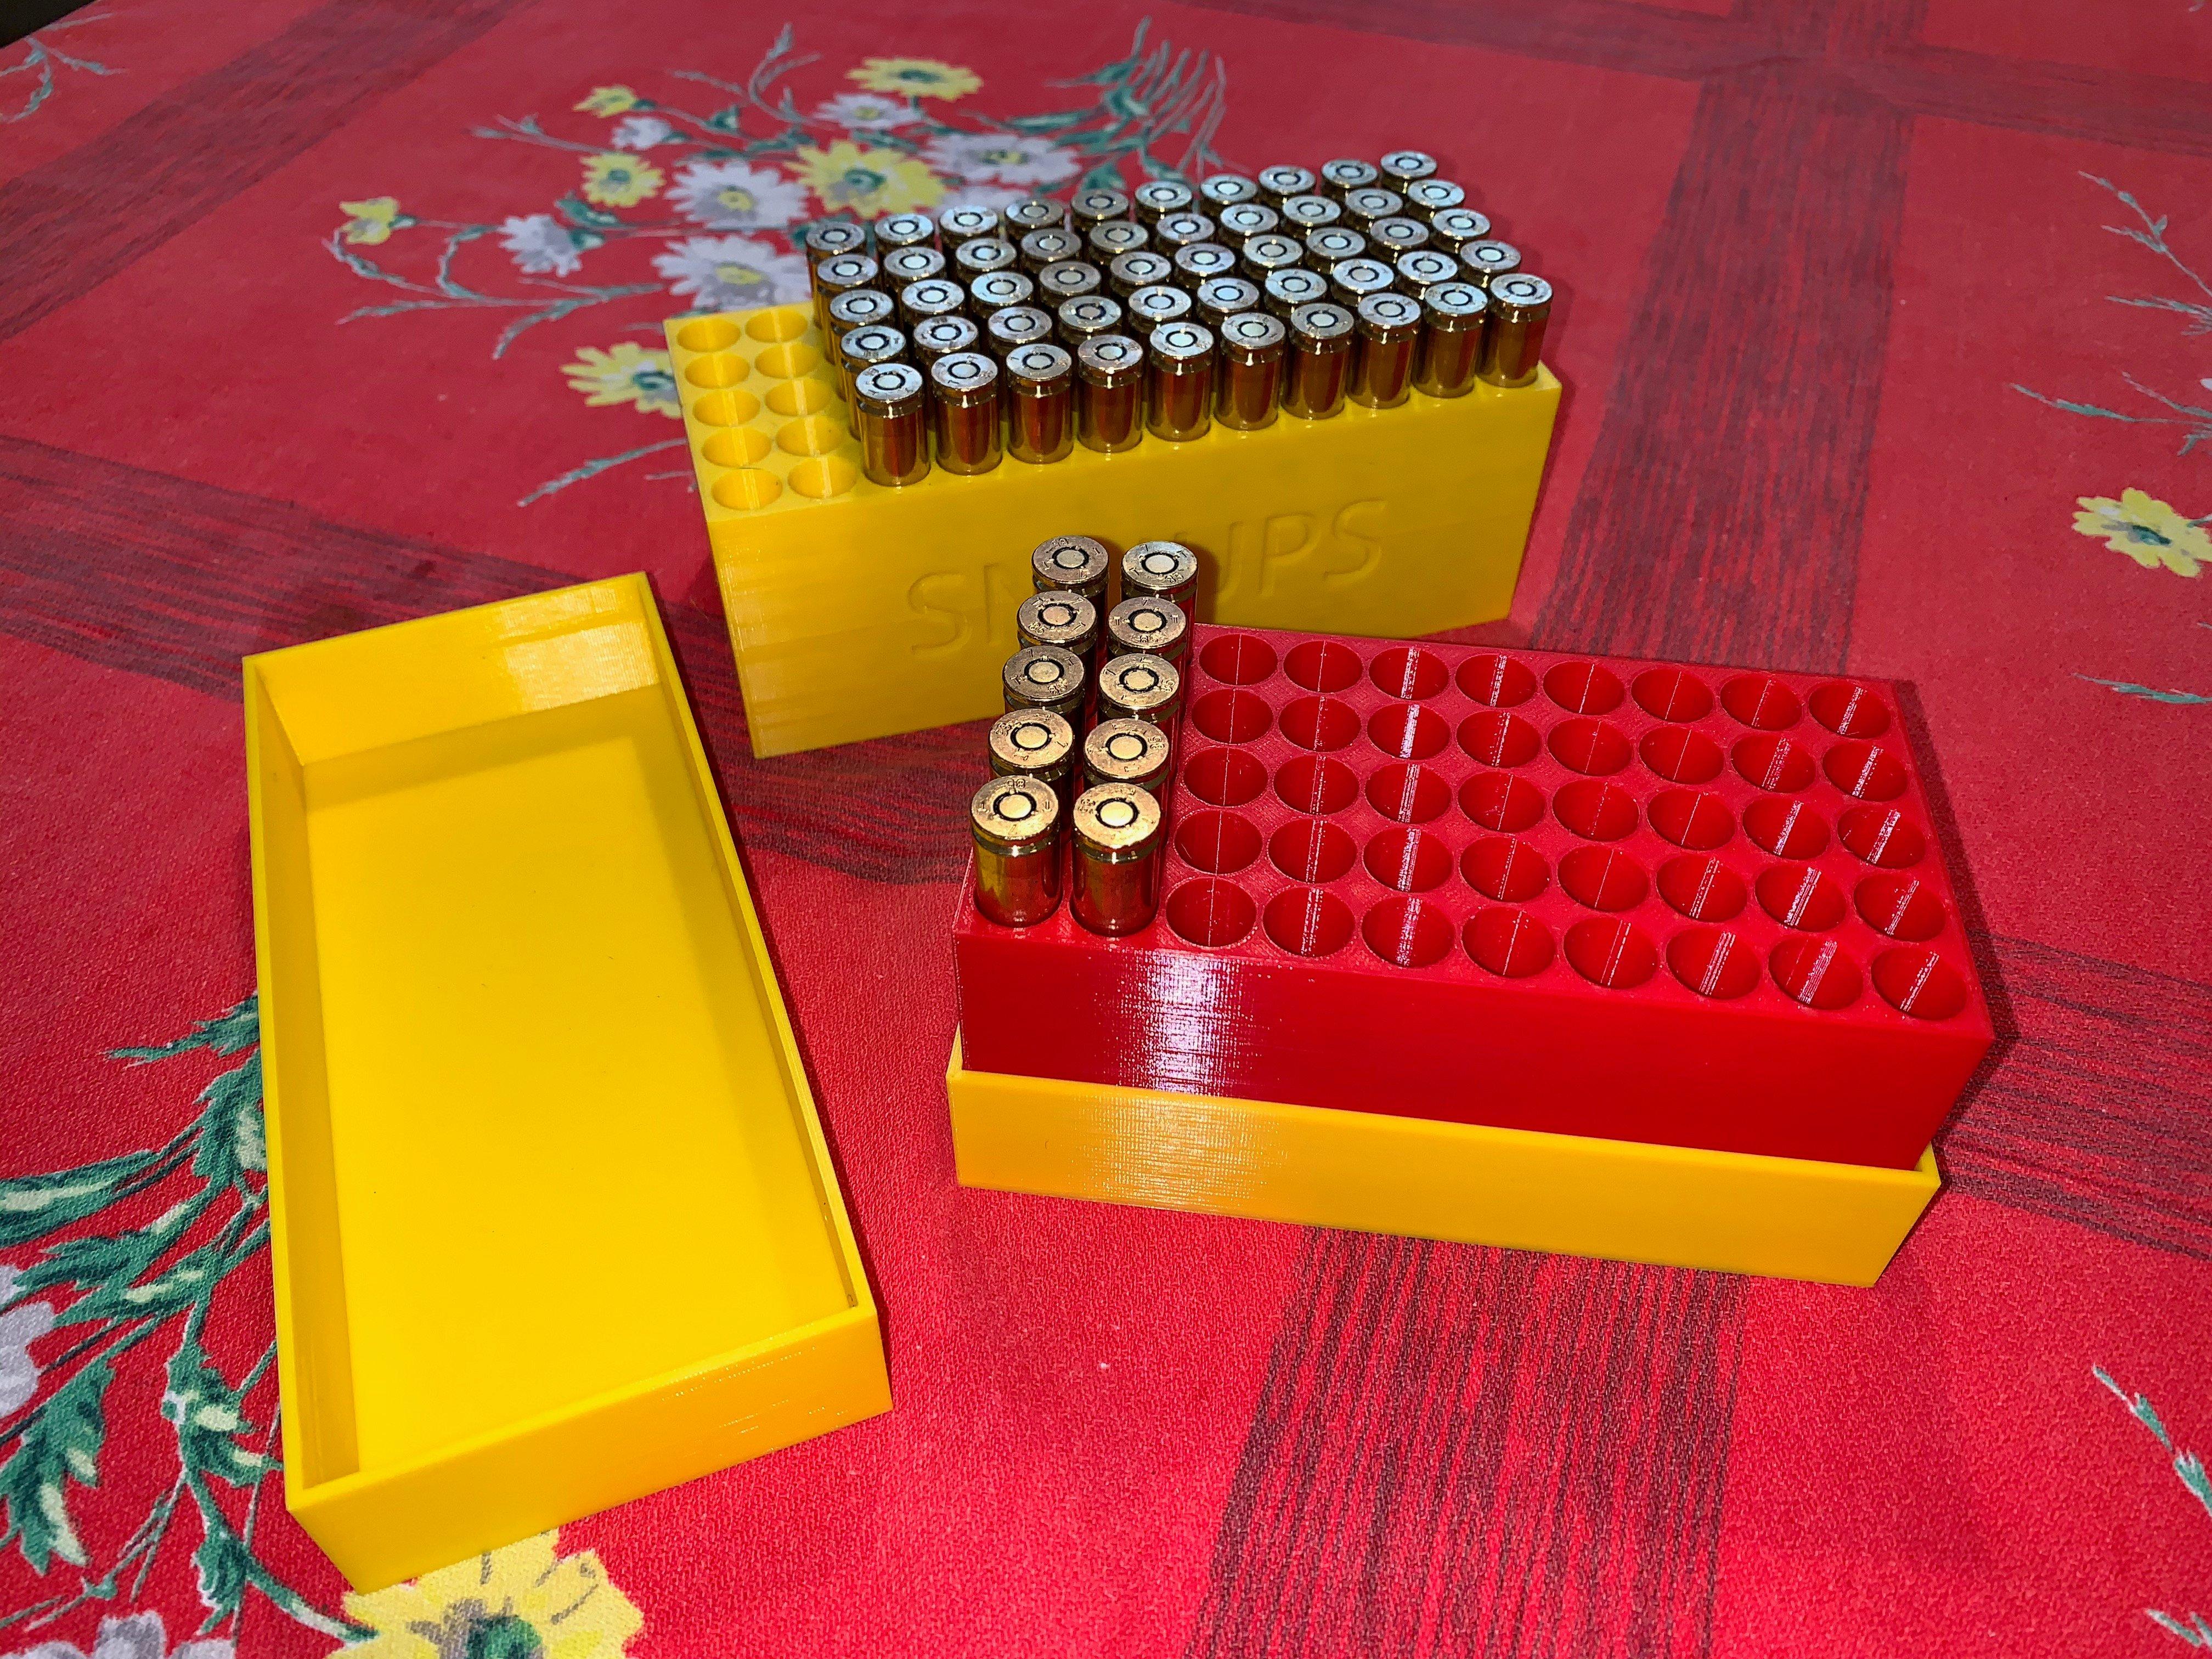 GP11 Ammo Box (7.5 x 55 Swiss)